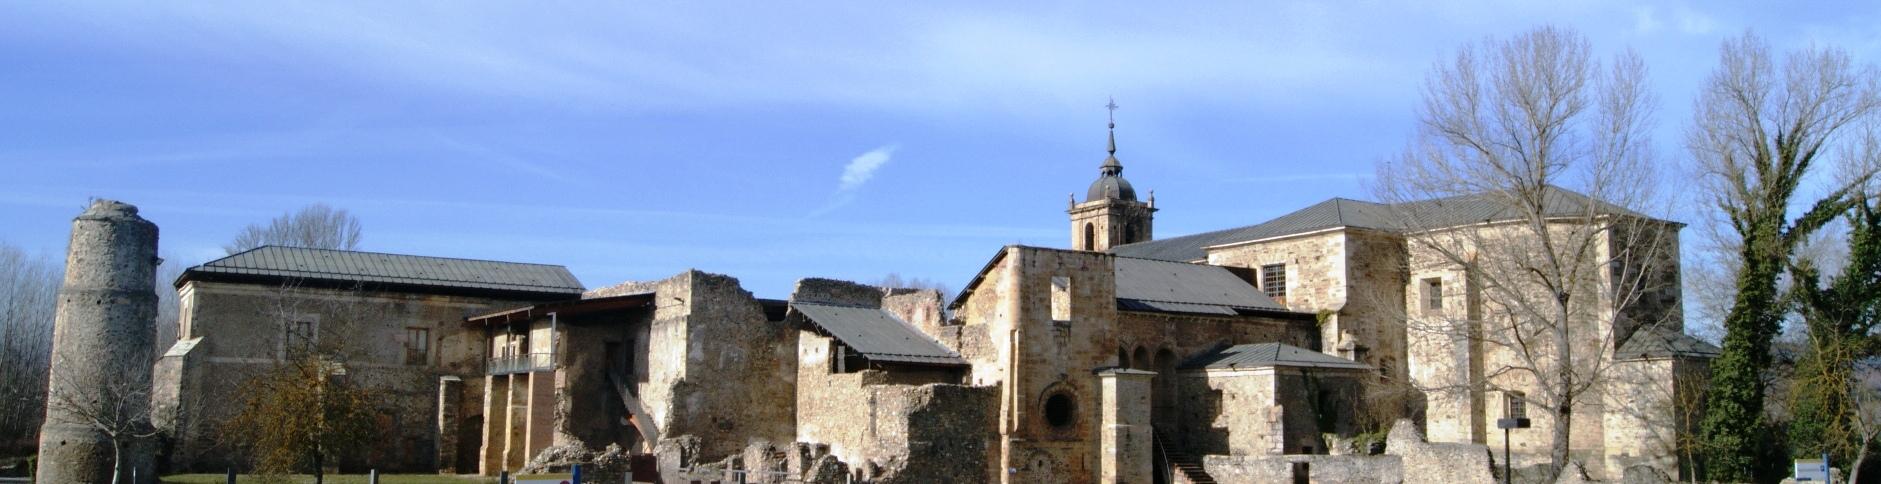 Carracedelo - Monasterio.JPG